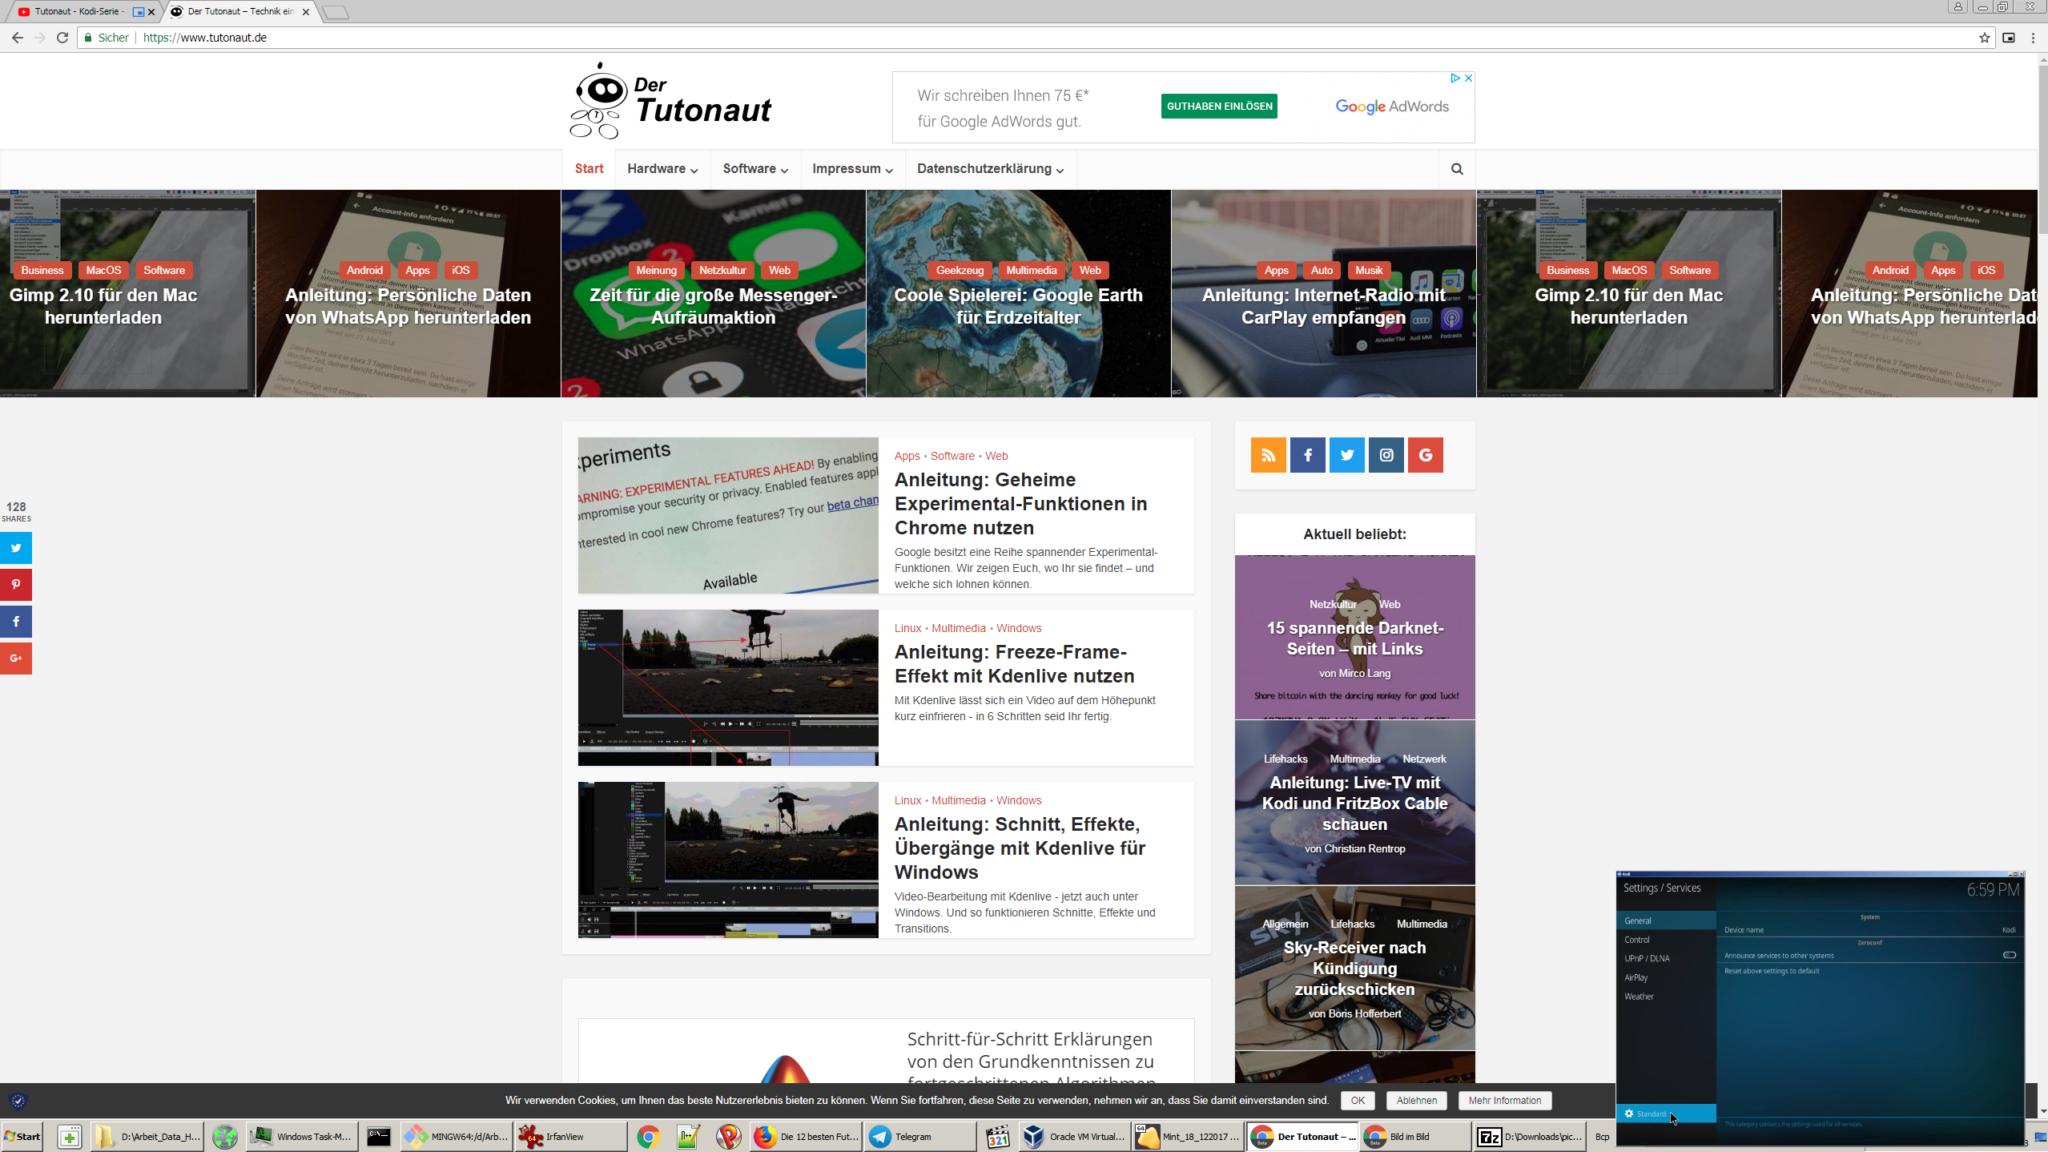 Bild-in-Bild-Funktion von Chrome 68